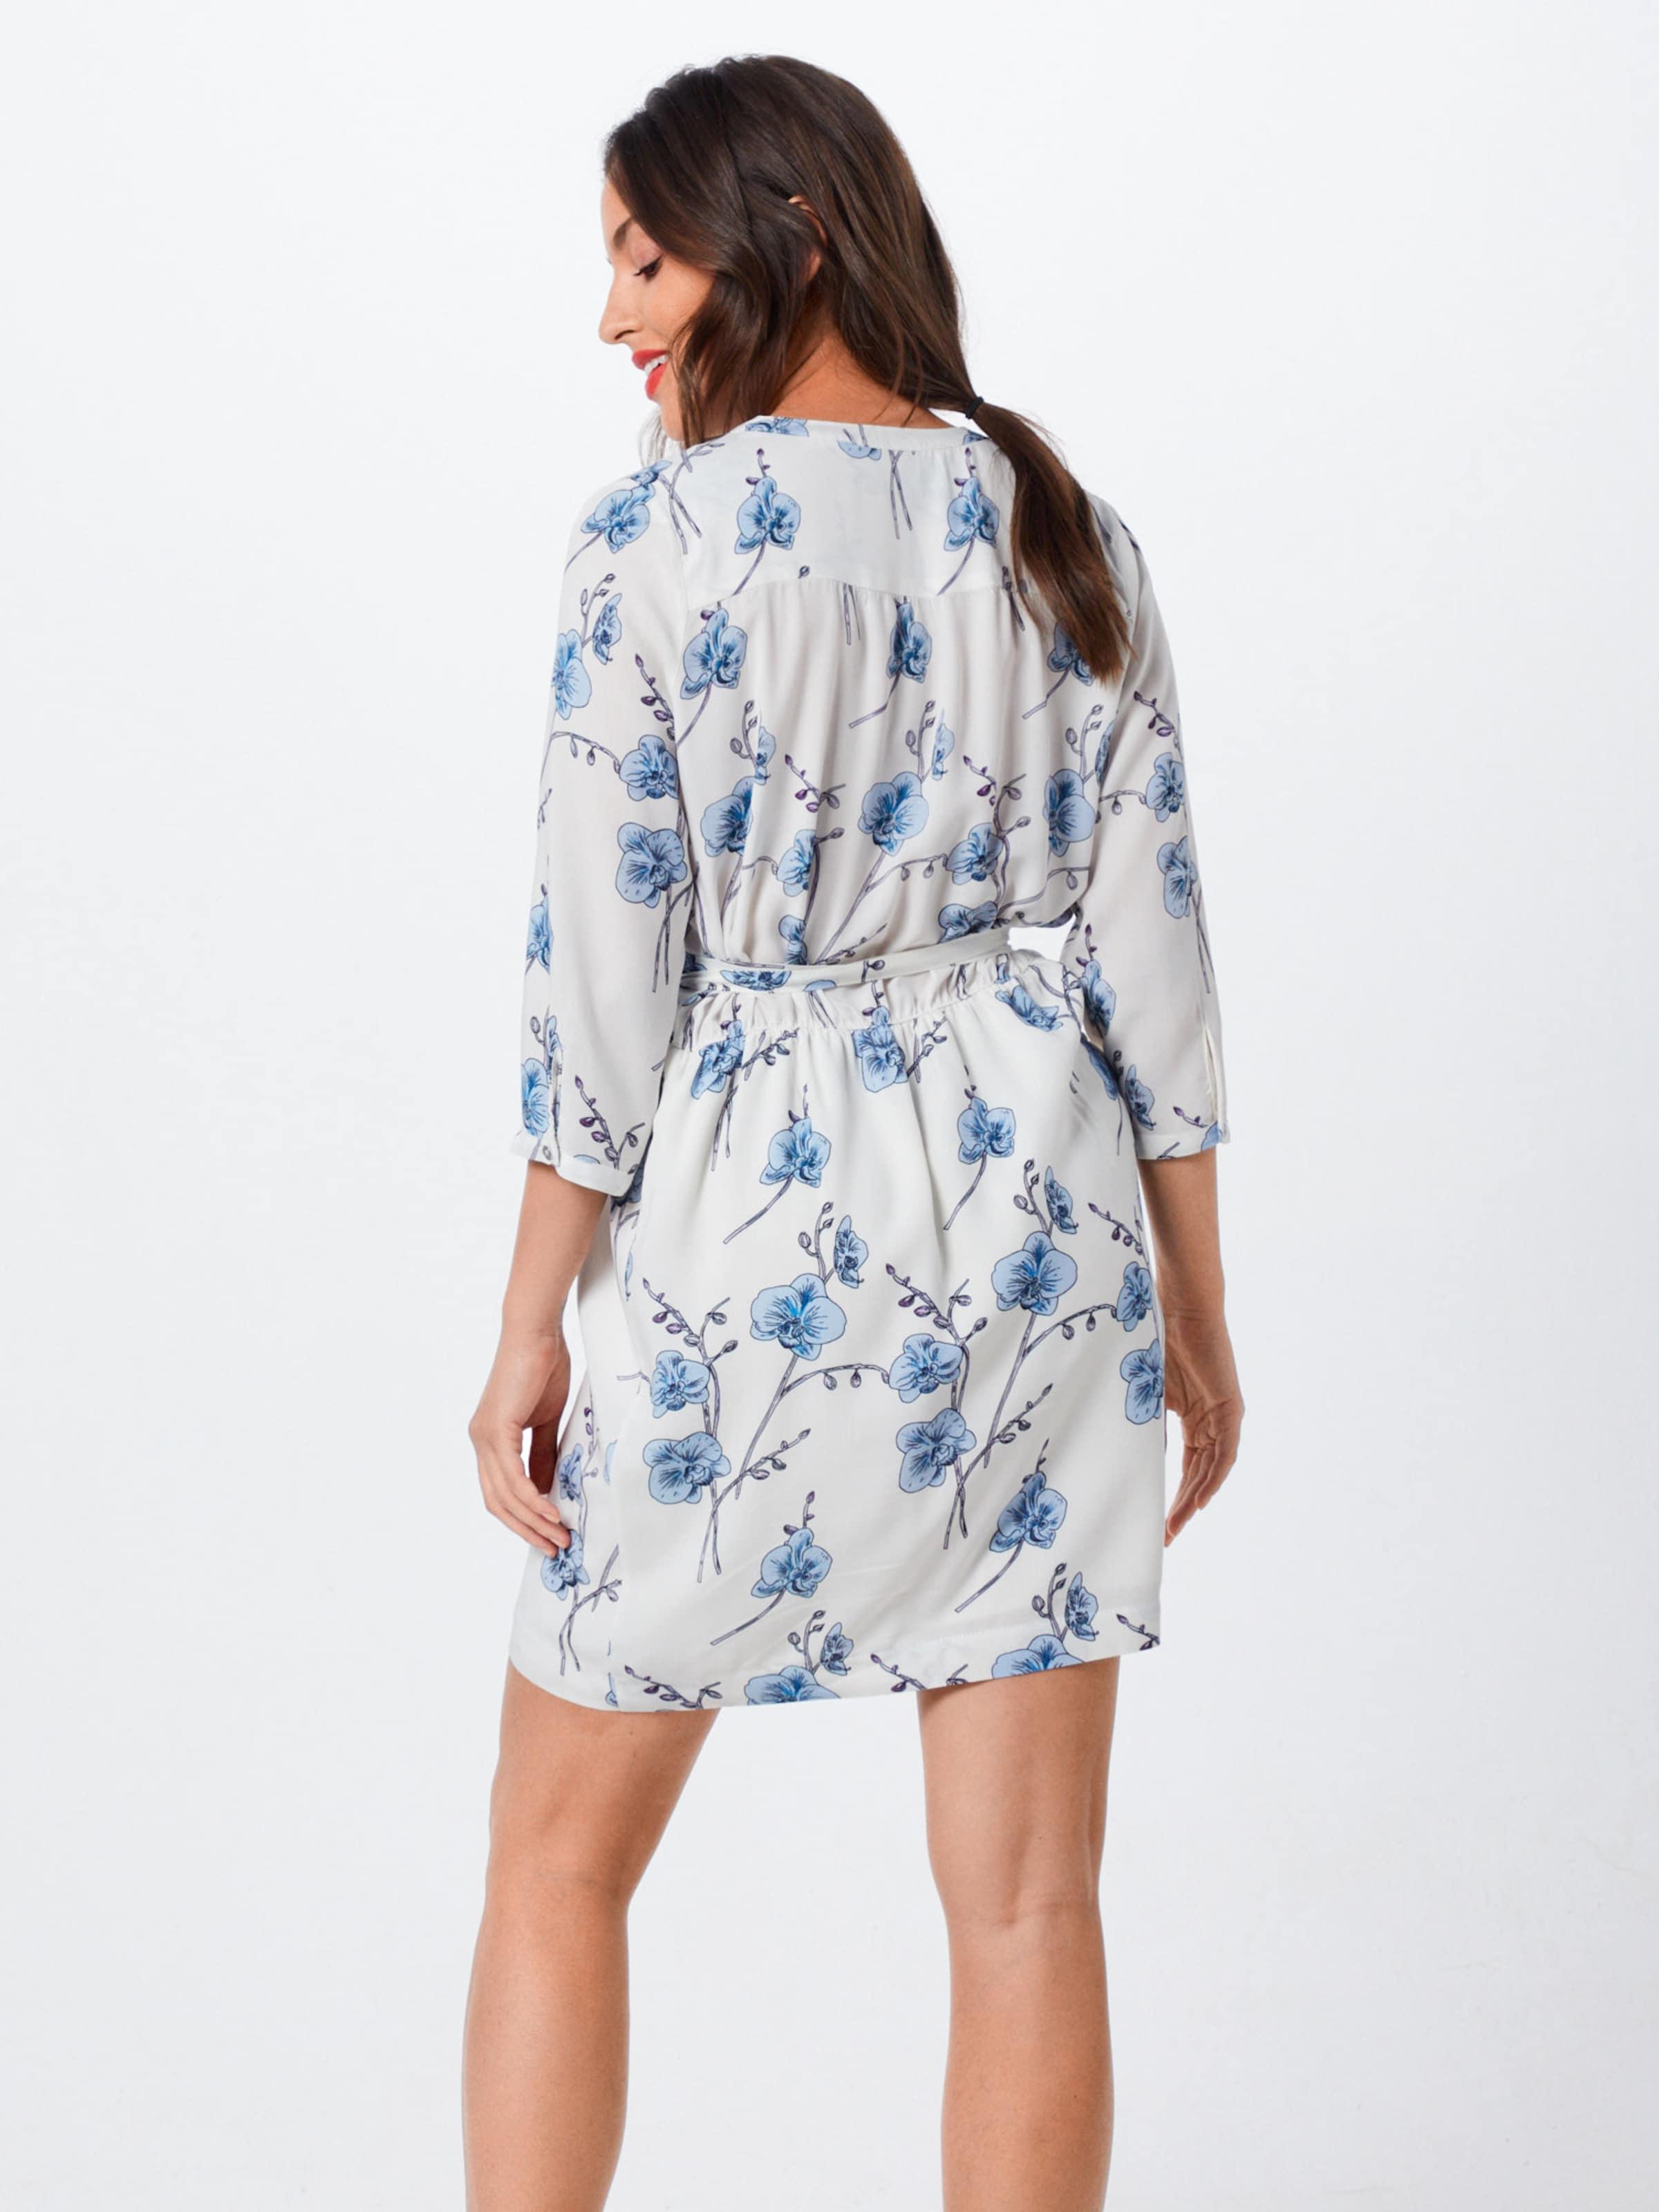 Broadway BlauWeiß Nyc 'phoby' In Fashion Kleid SpUGMLVjqz